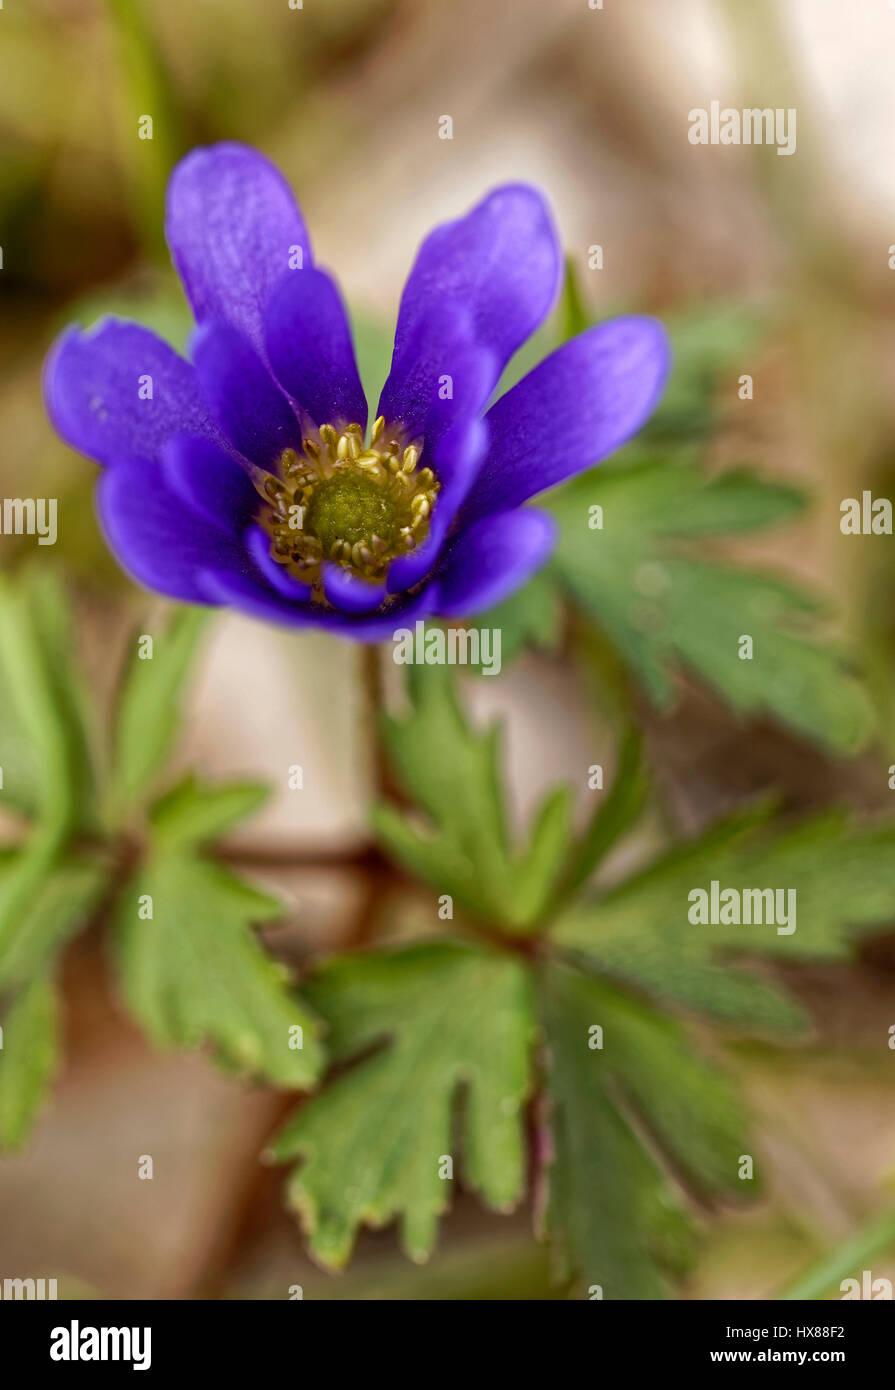 Purple Anemone Blanda Stockfotos & Purple Anemone Blanda Bilder ...